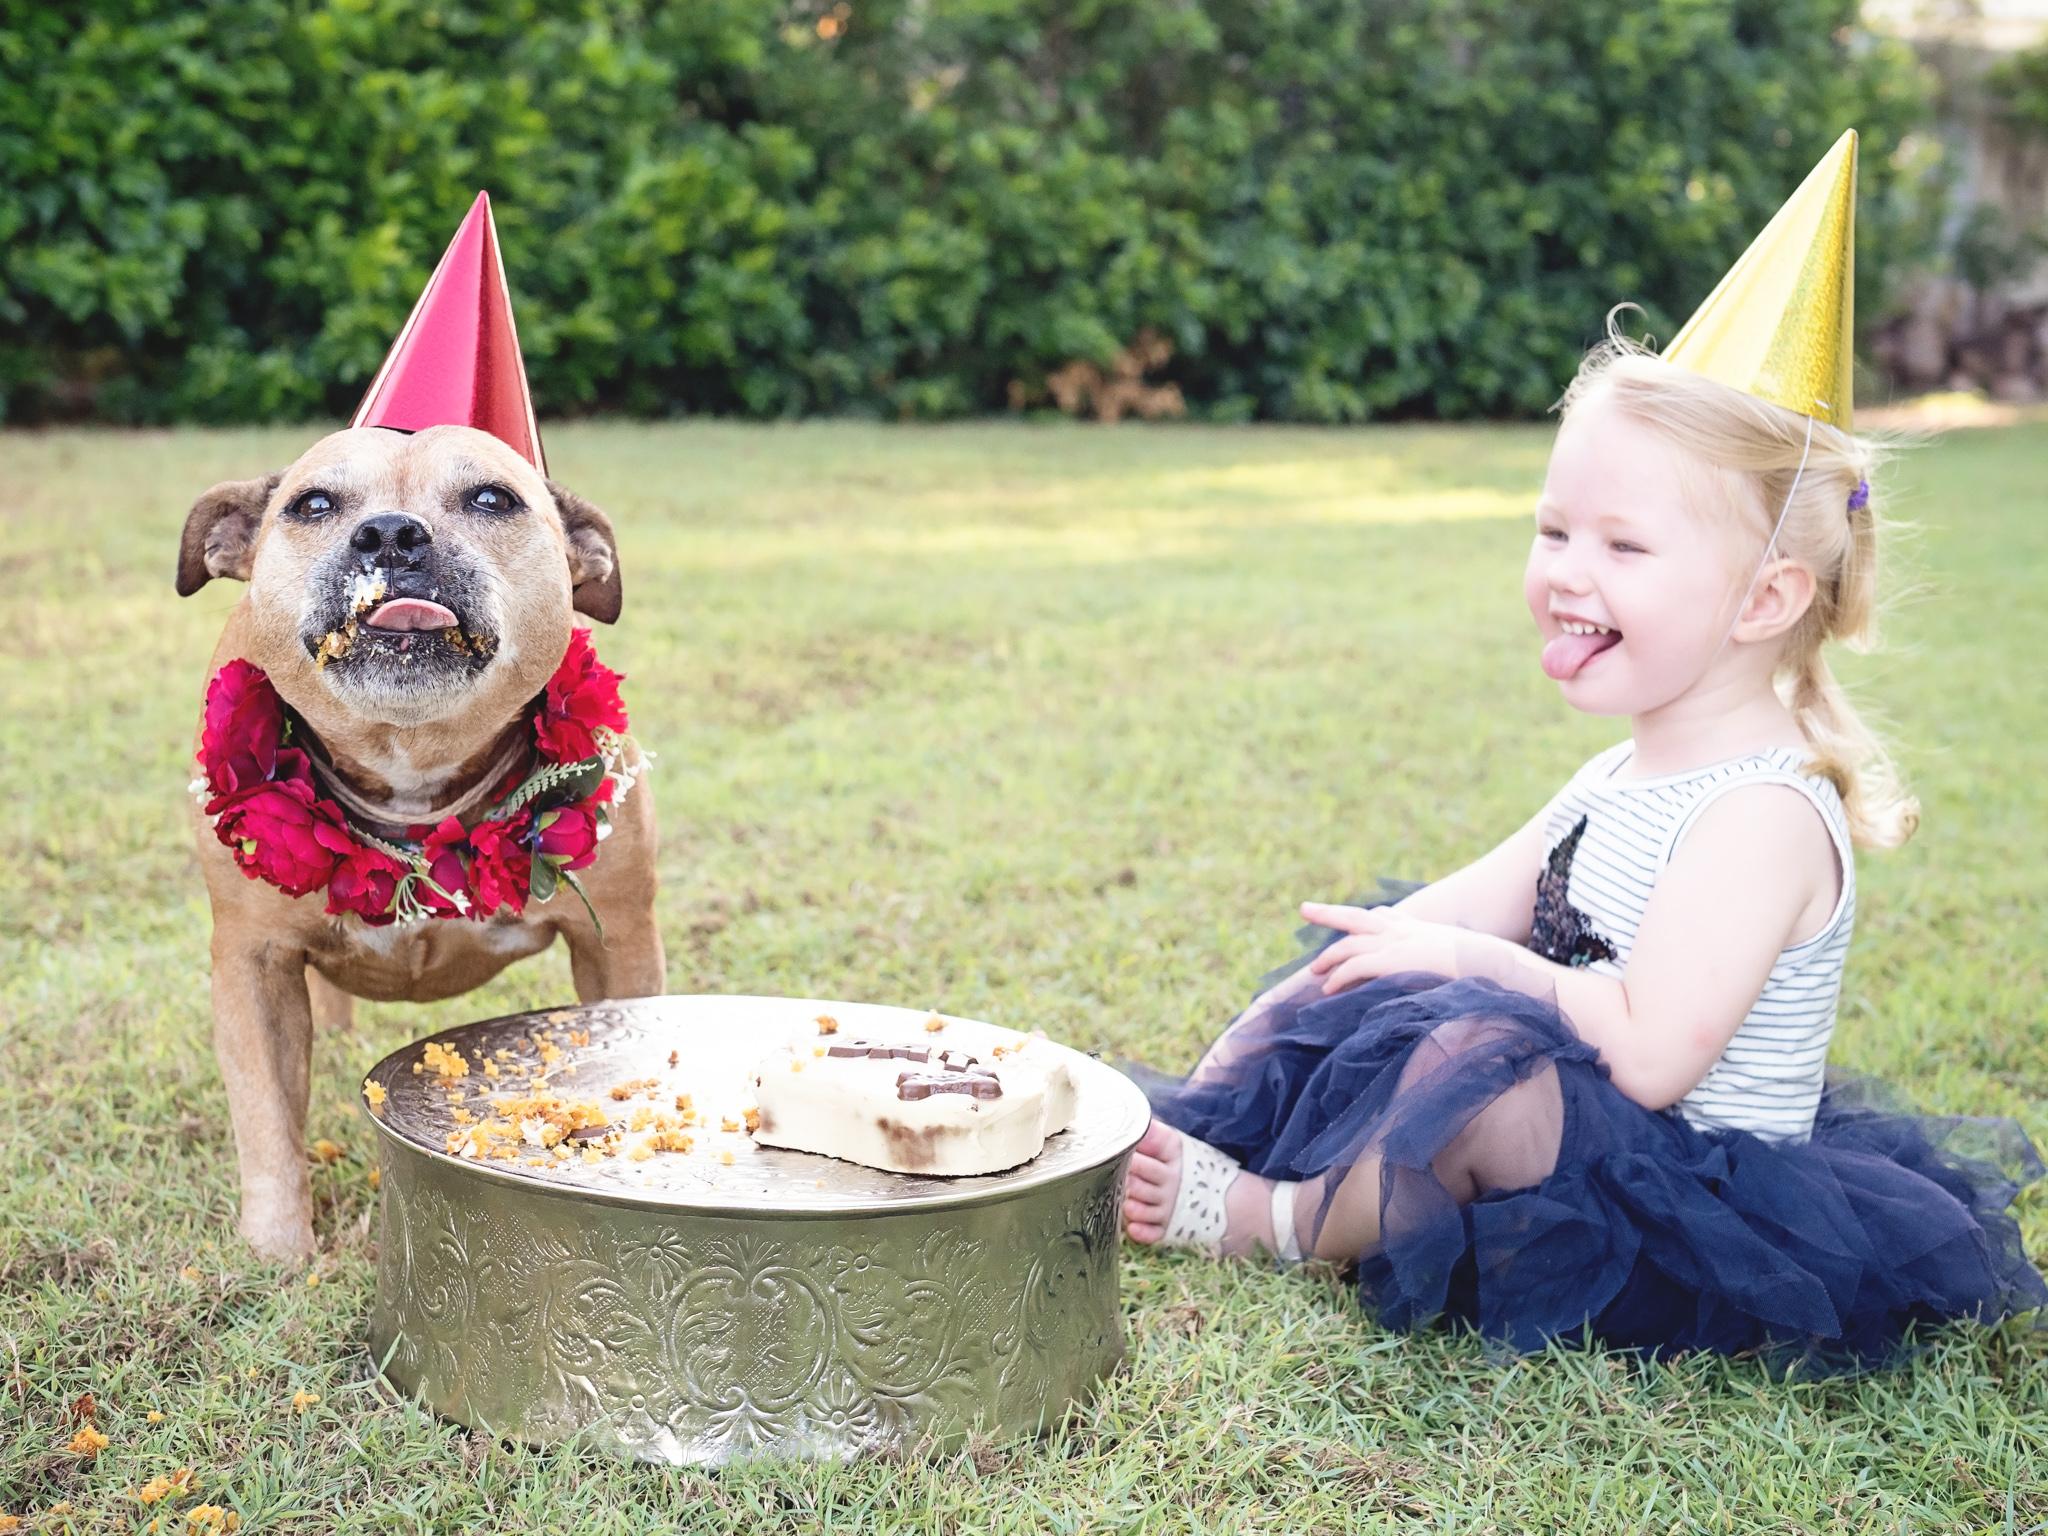 Rubys-10th-Birthday-Cake-Smash-3.jpg